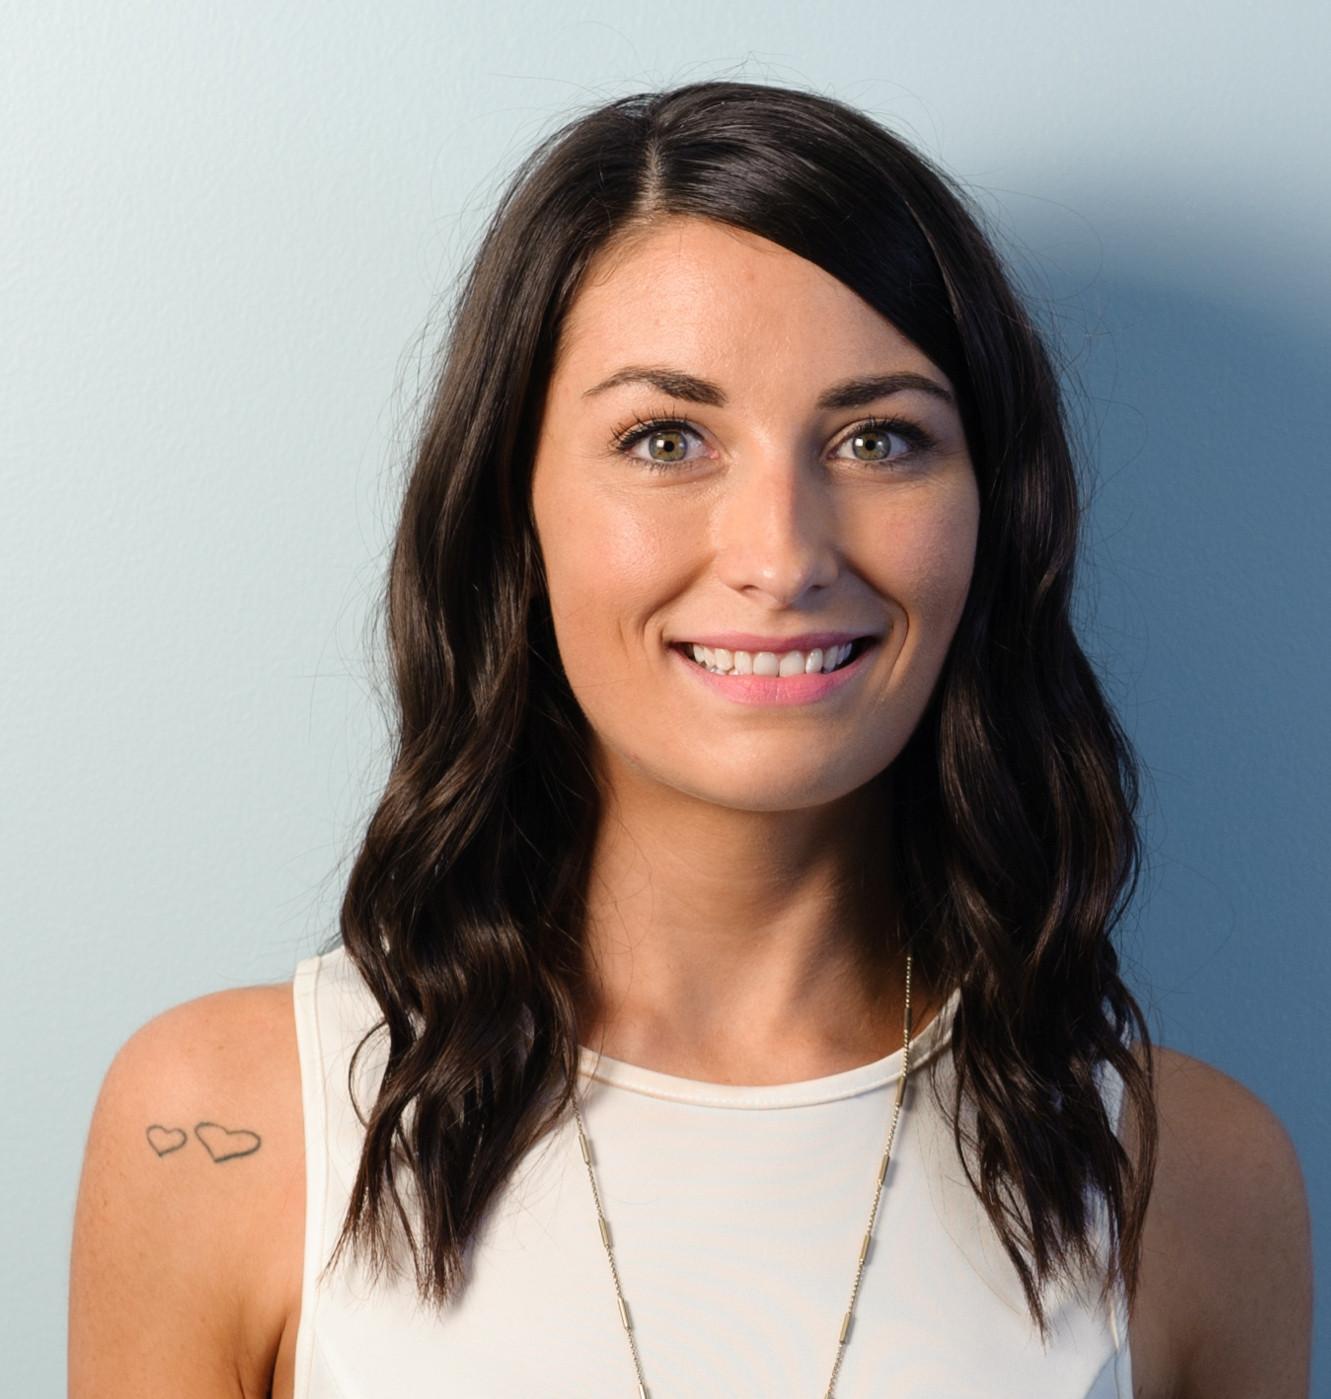 Danielle Zeigler